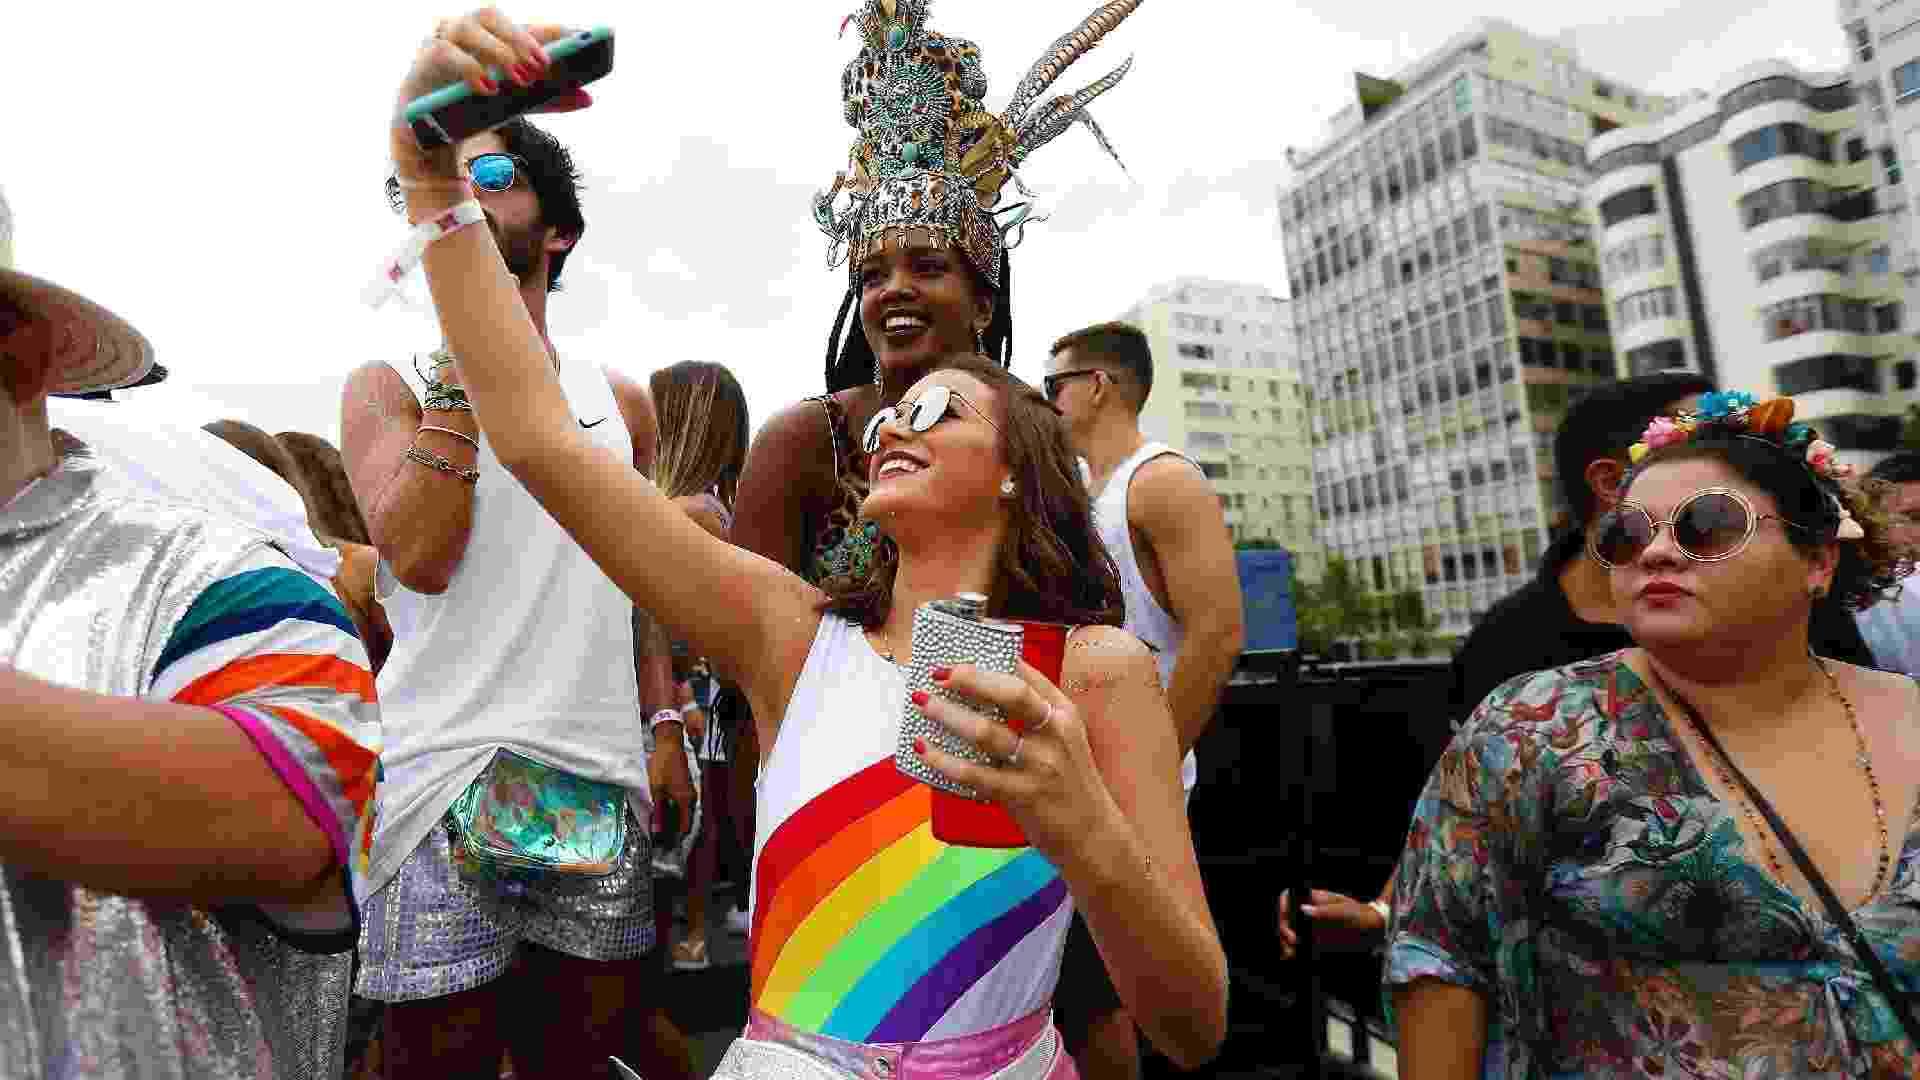 Sem Neymar, Bruna Marquezine caiu no funk carioca no Bloco da Favorita, na praia de Copacabana, no Rio de Janeiro - Marcelo de Jesus/UOL